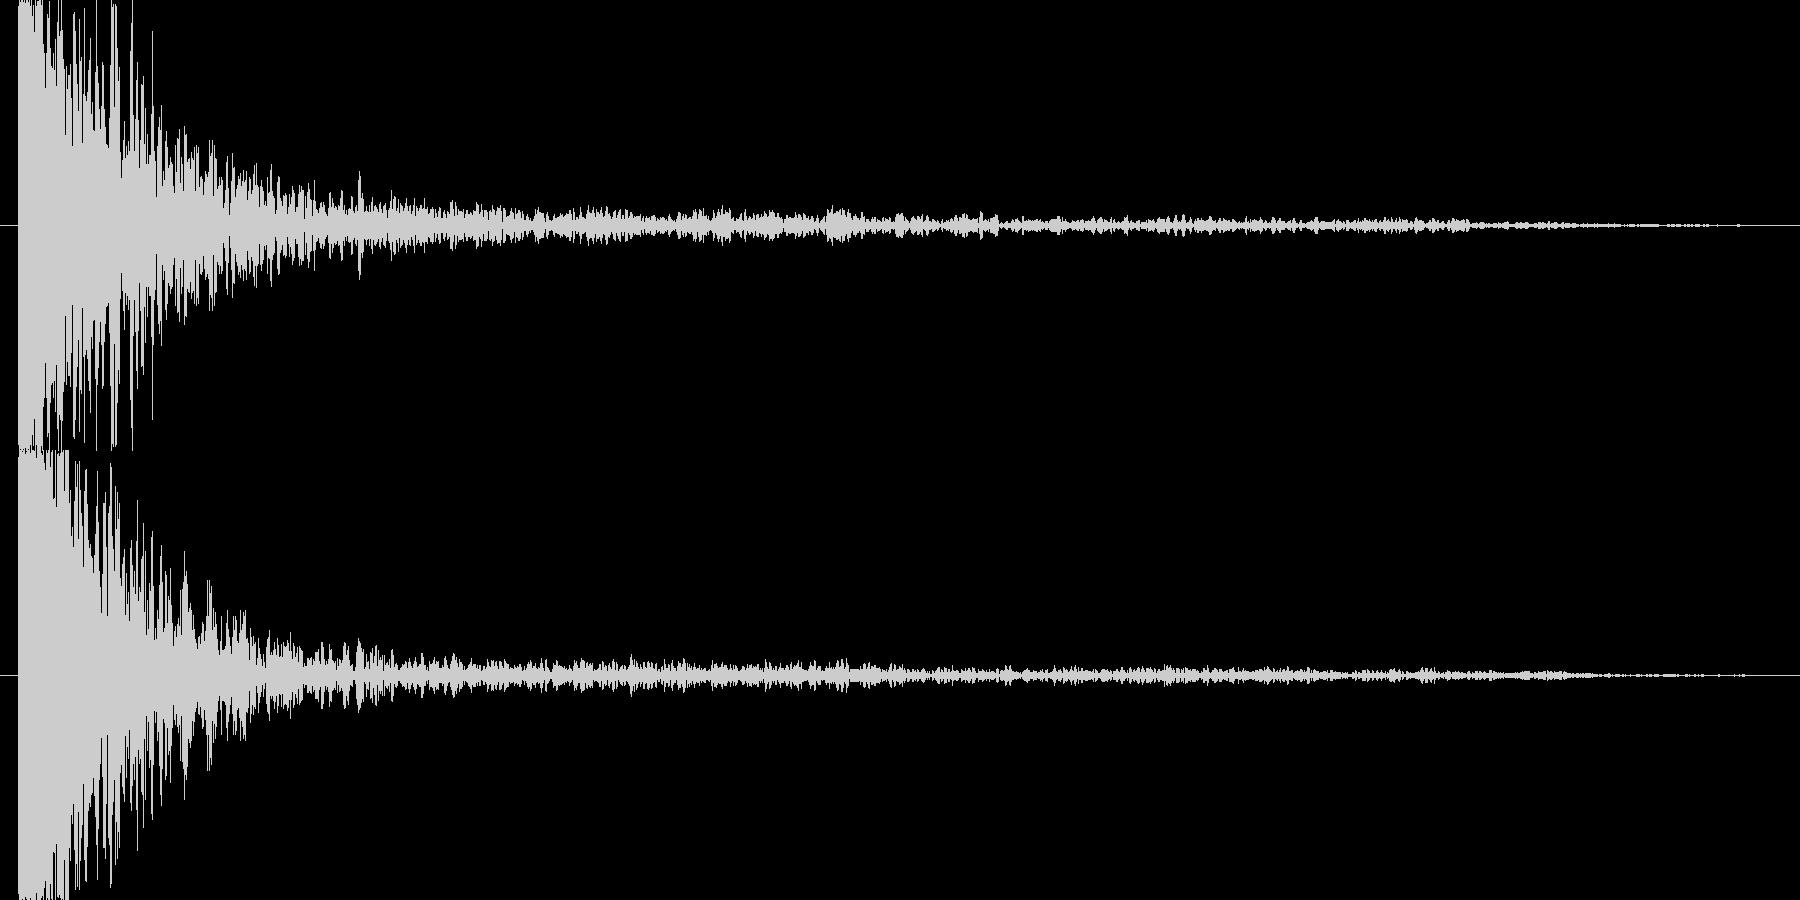 裂ける音の未再生の波形